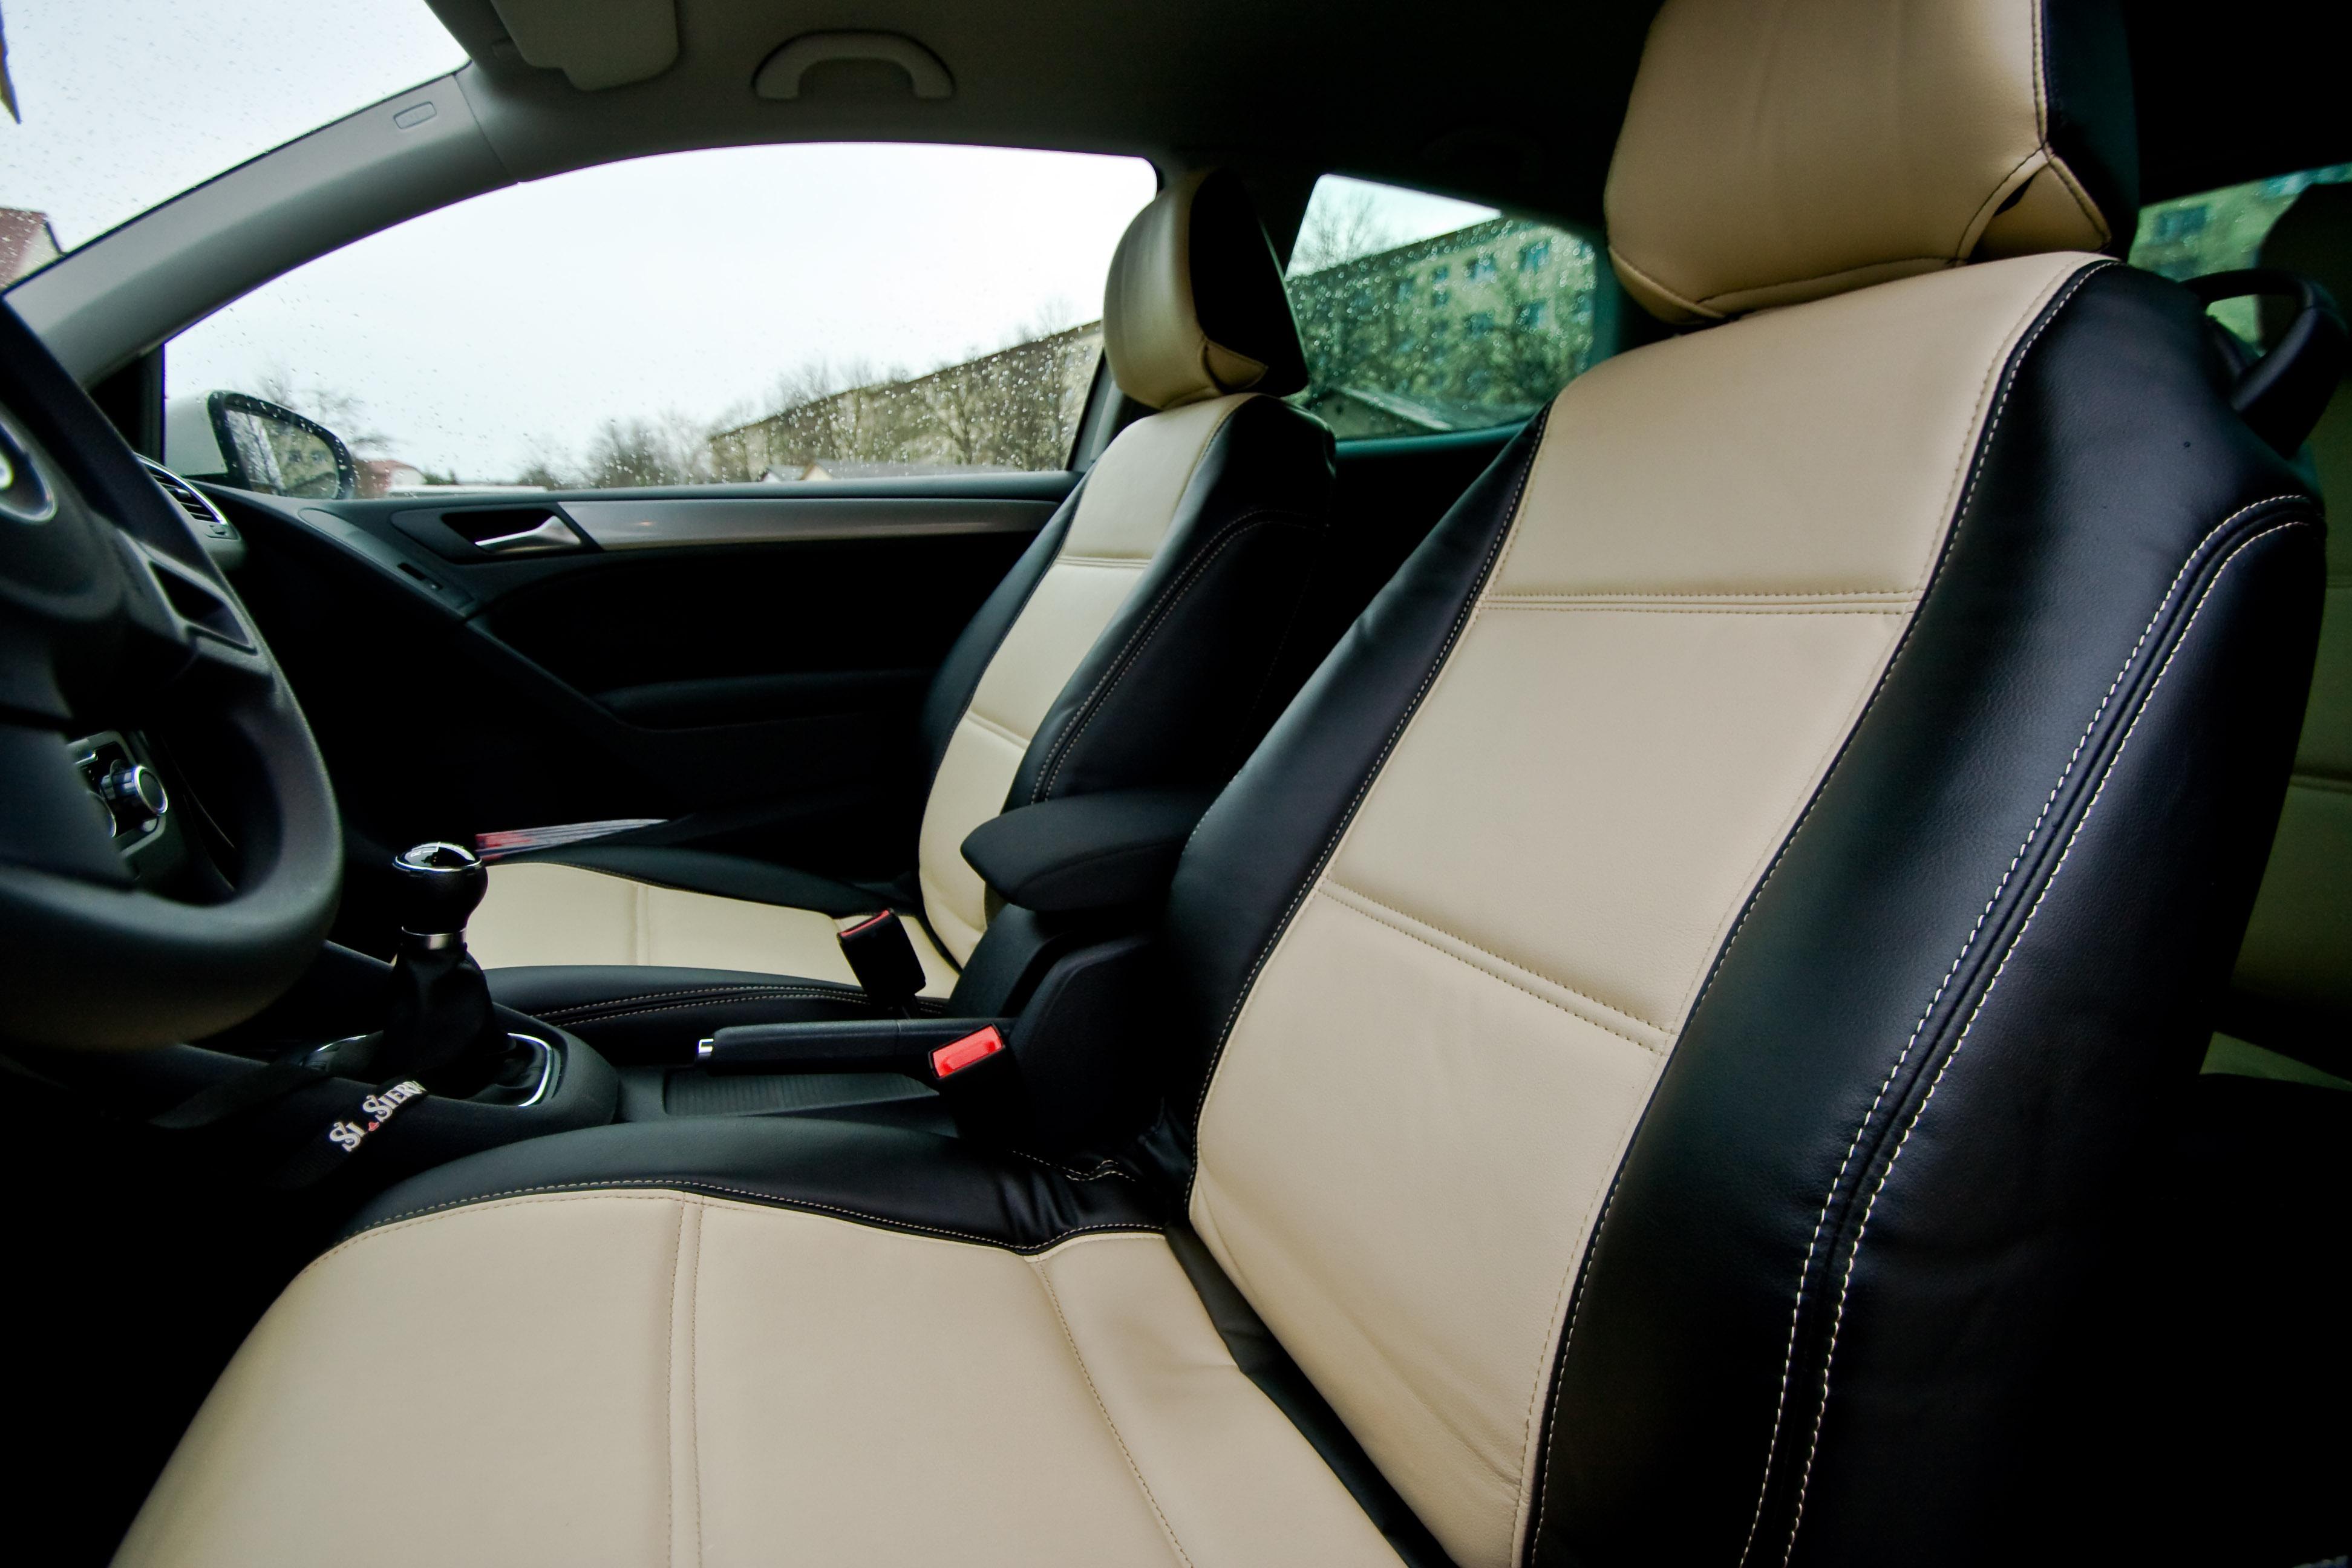 Coprisedili Seat-Styler a prezzo speciale!